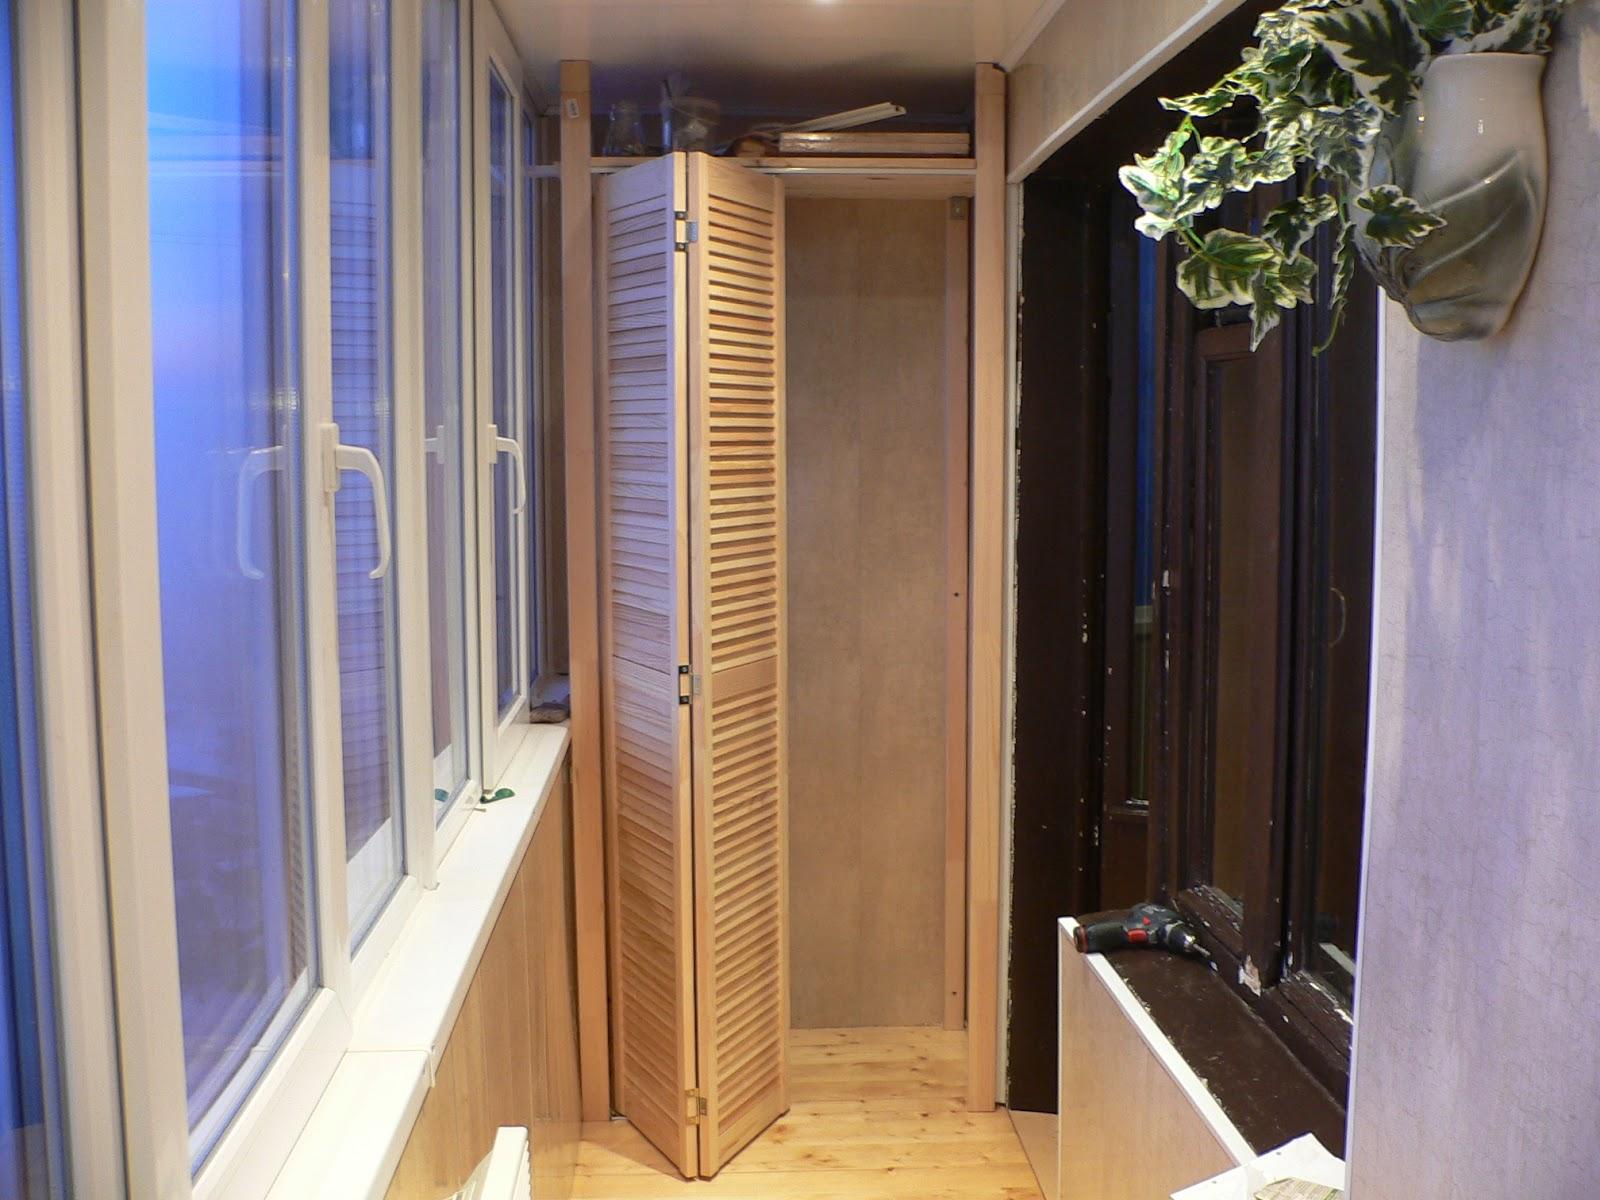 Шкаф для лоджии diy блог.